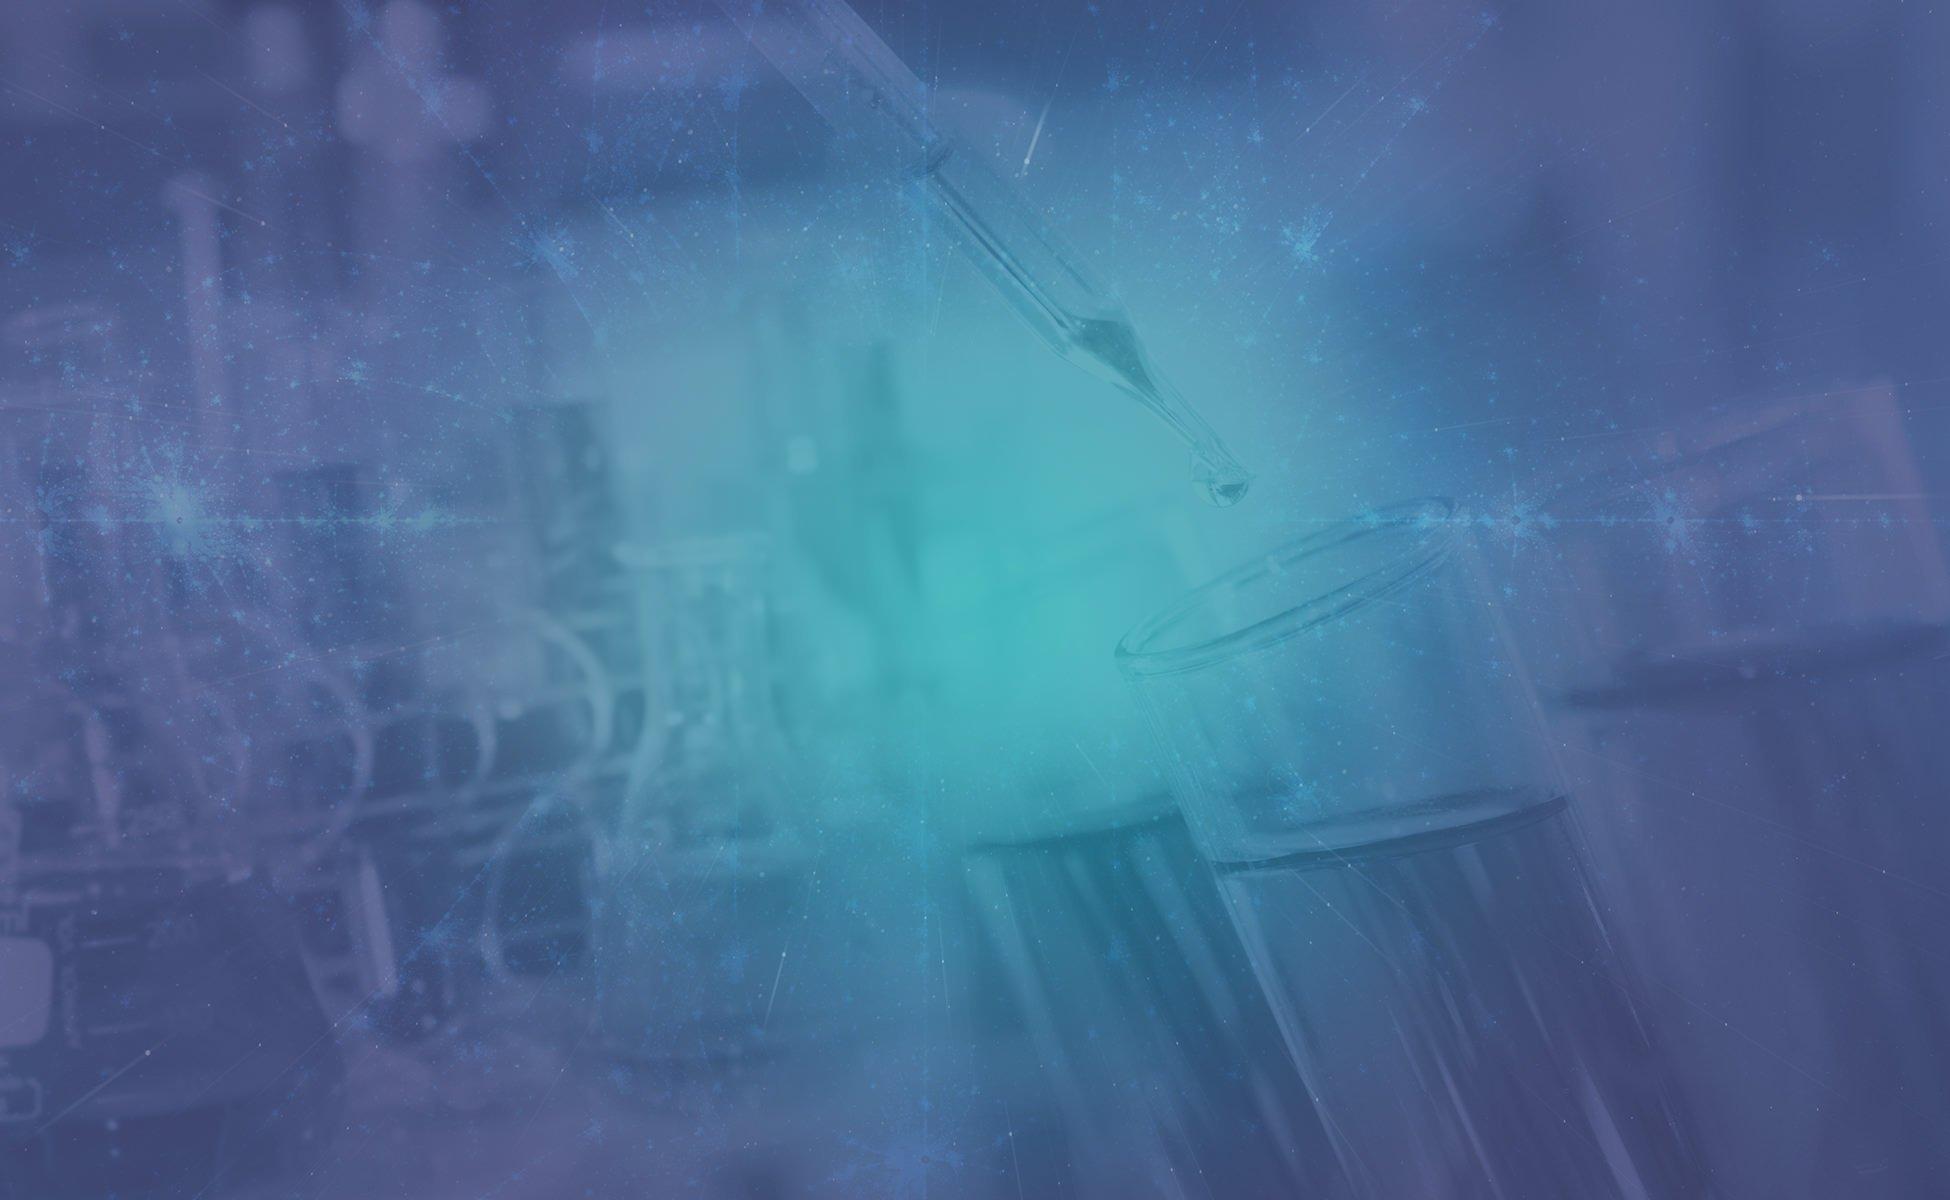 winzer laborglastechnik_background